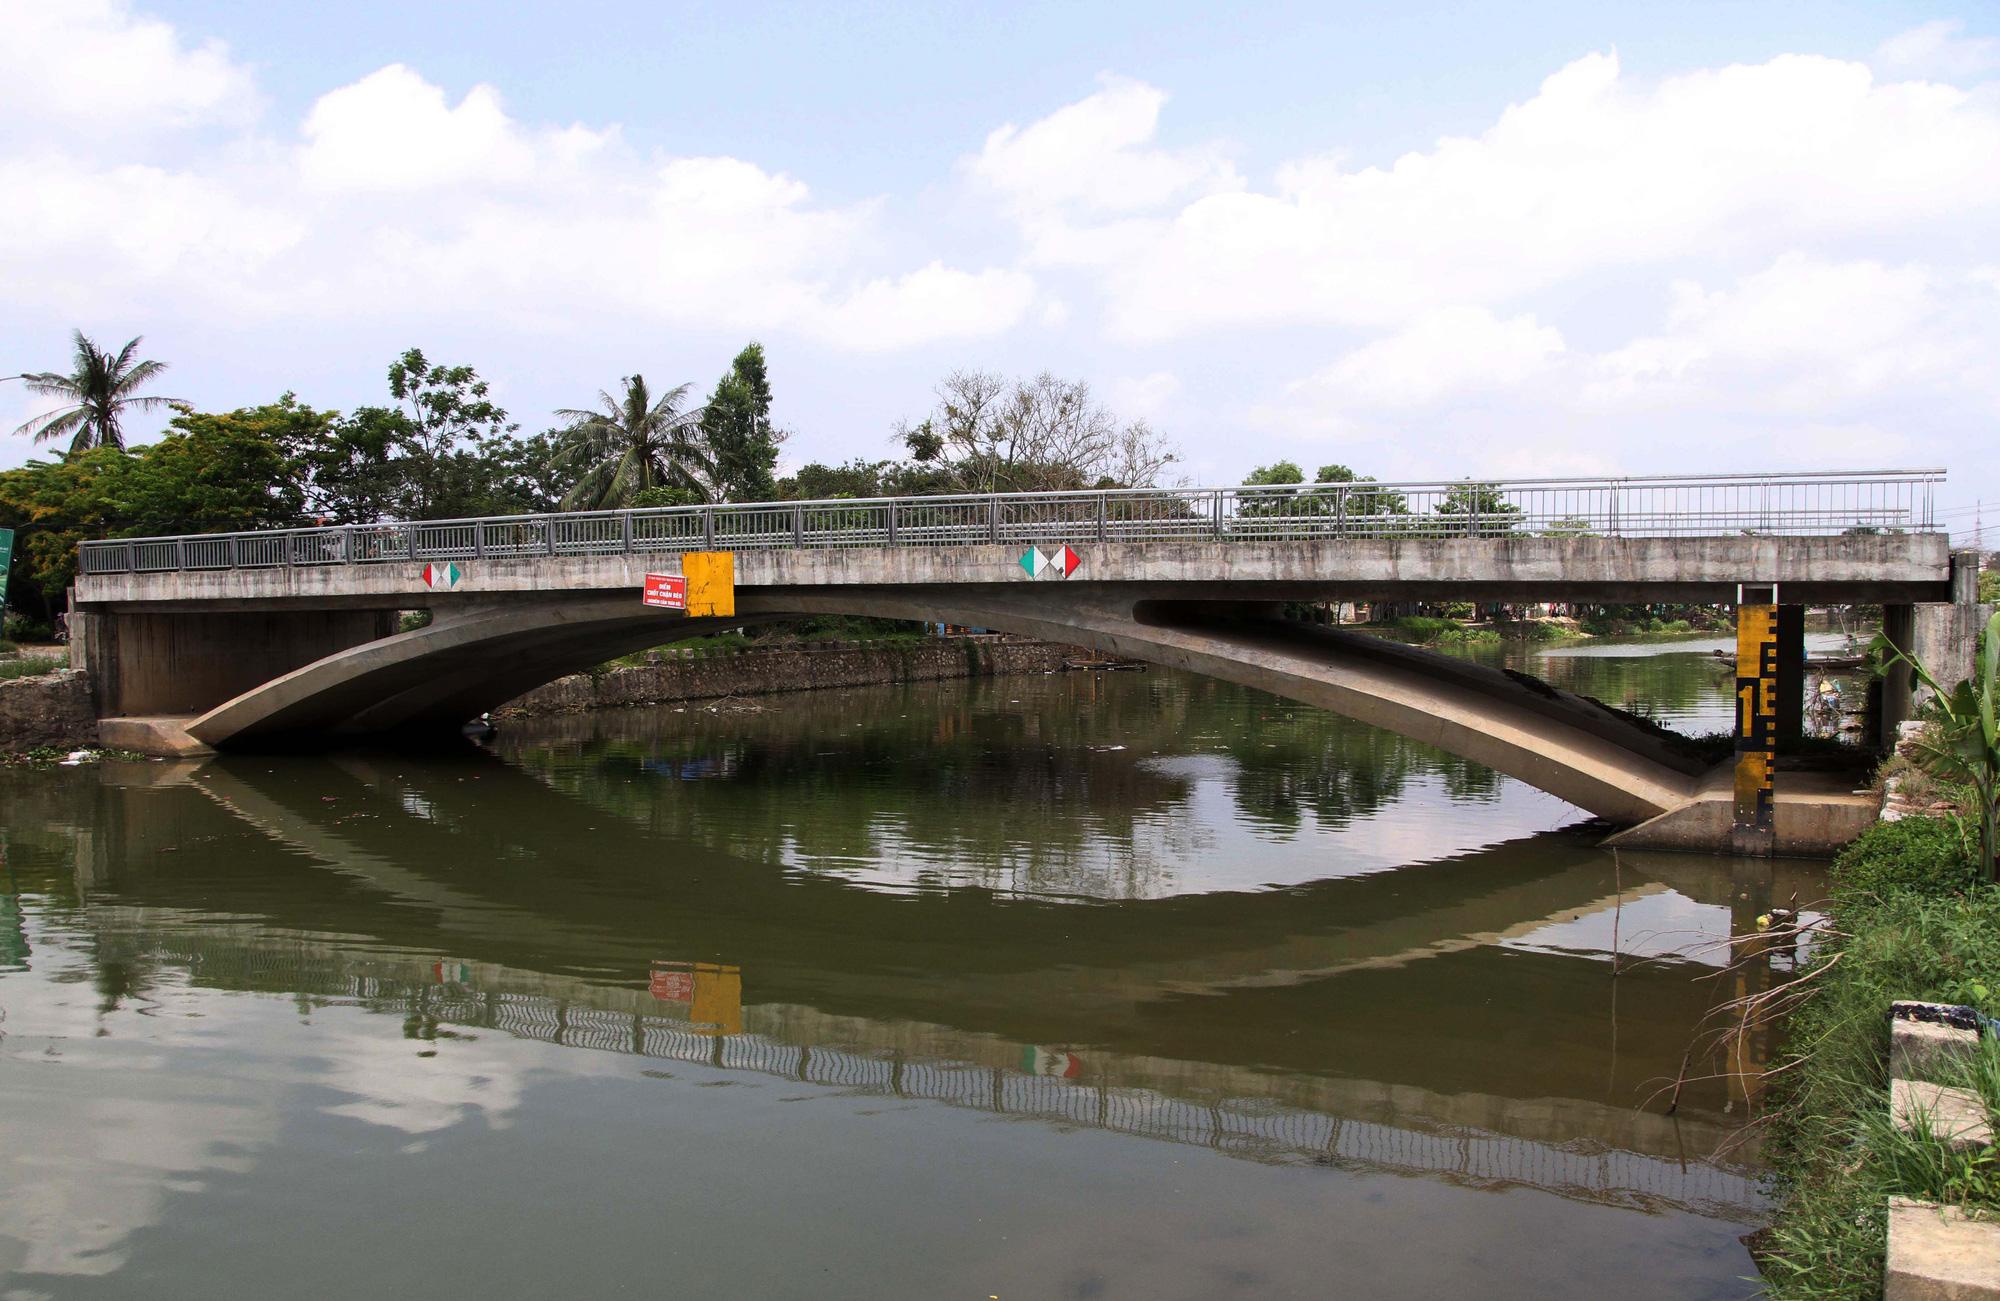 ẢNH: Cầu 32 tỷ xây xong để hoang vì không có đường dẫn - Ảnh 1.